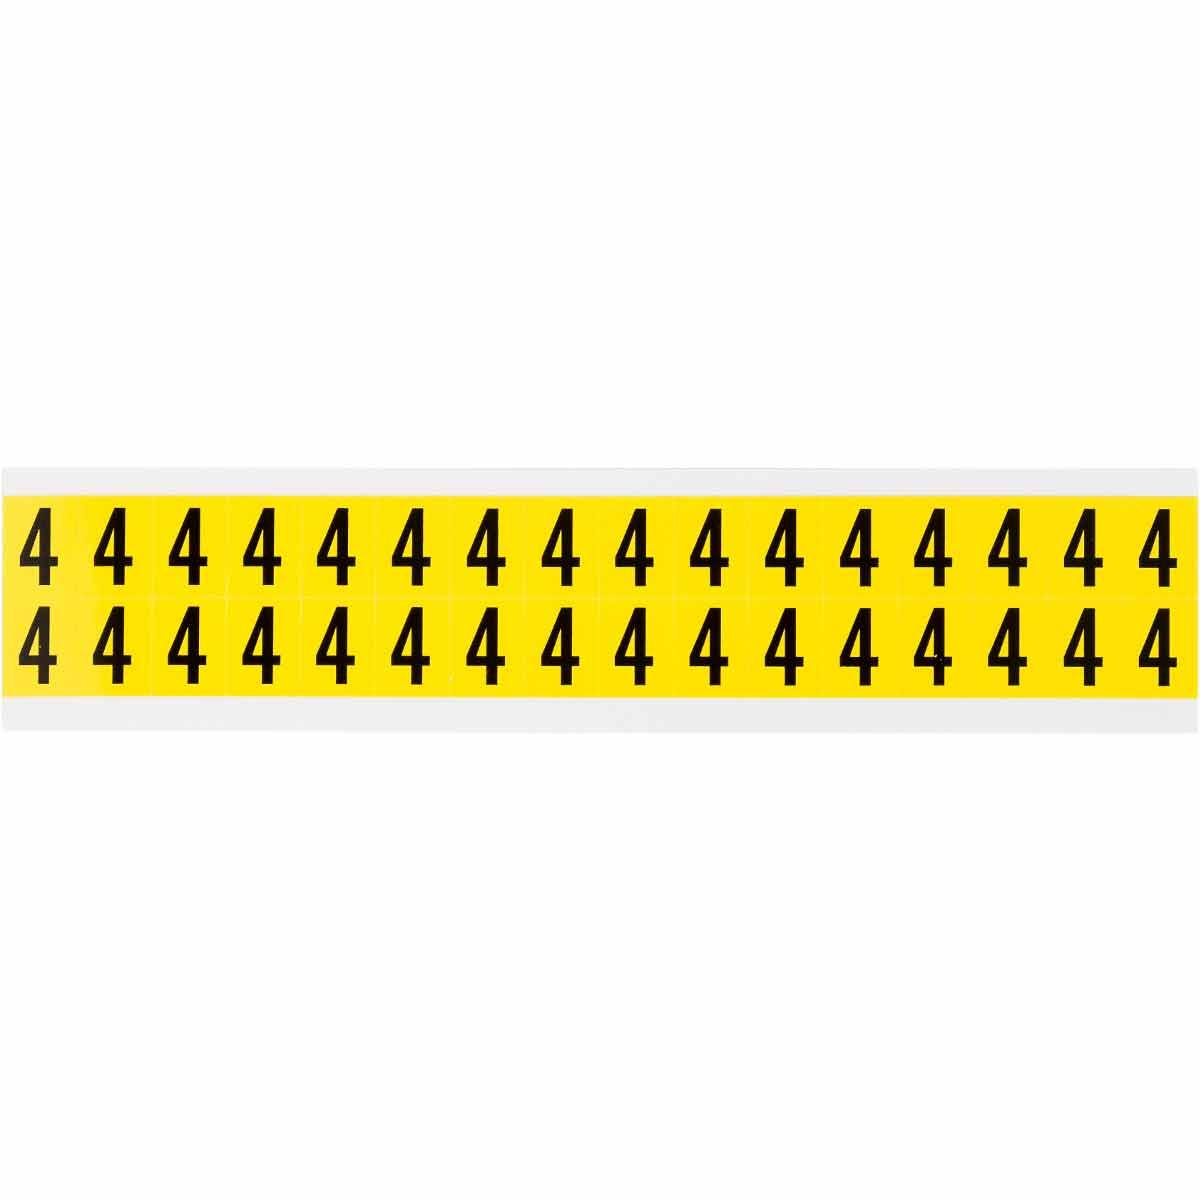 """BRADY 3420-4 Label,34Series,0.625""""H,Bk/Yw,4,1 EA"""